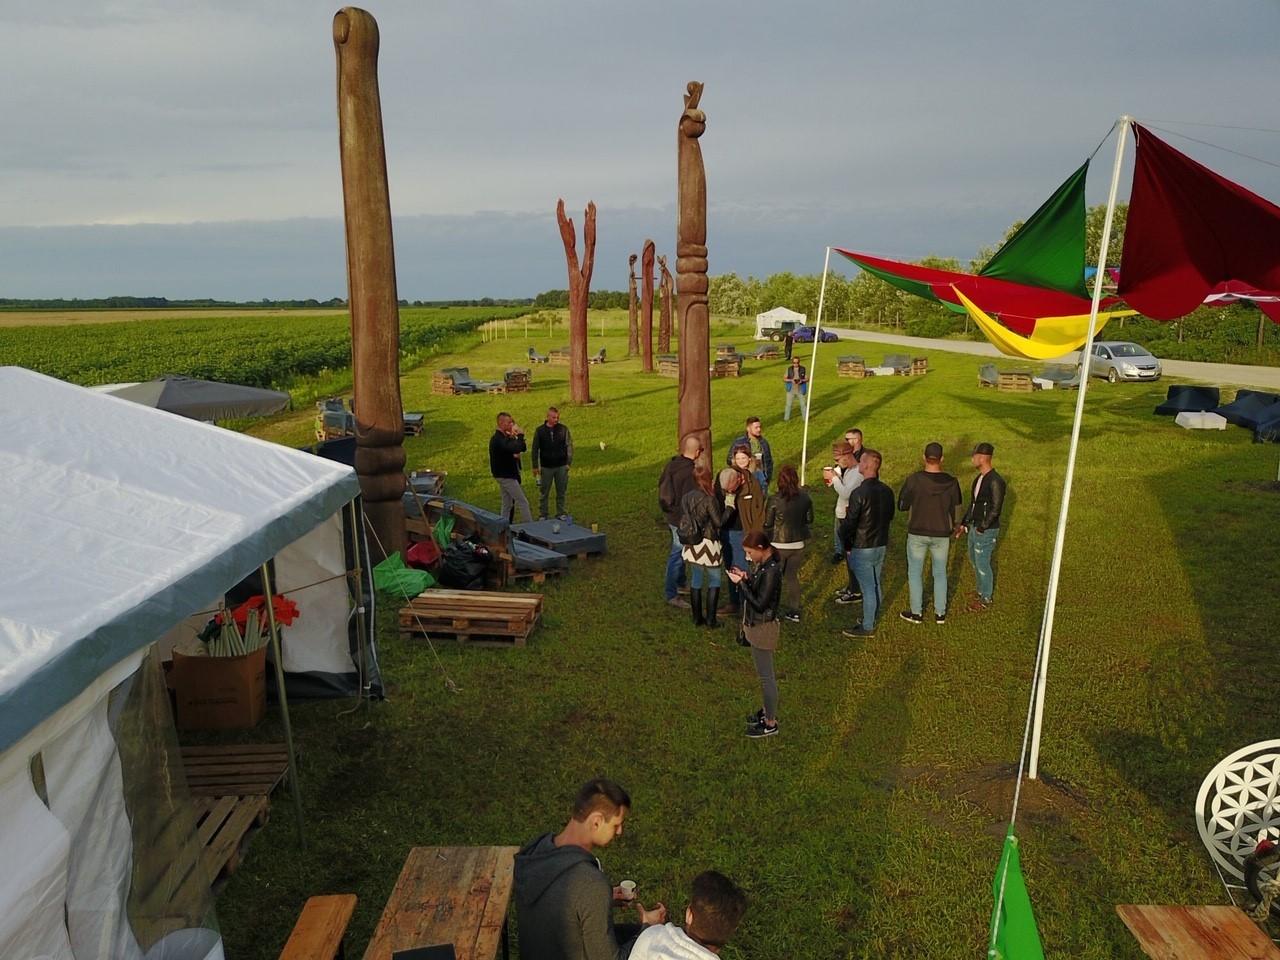 Harmadik alkalommal nyitja meg kapuit a Dunai Nyári Tábor elektronikus fesztiválja